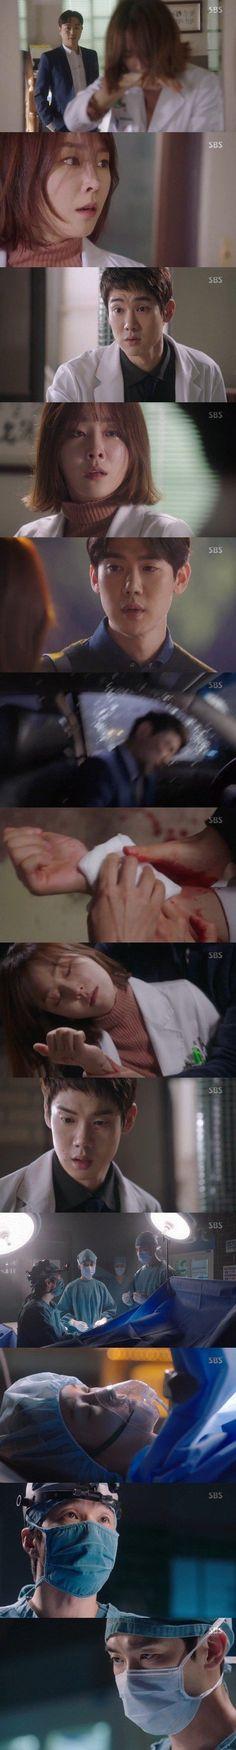 [Spoiler] Added episode 2 captures for the #kdrama 'Romantic Doctor Teacher Kim'